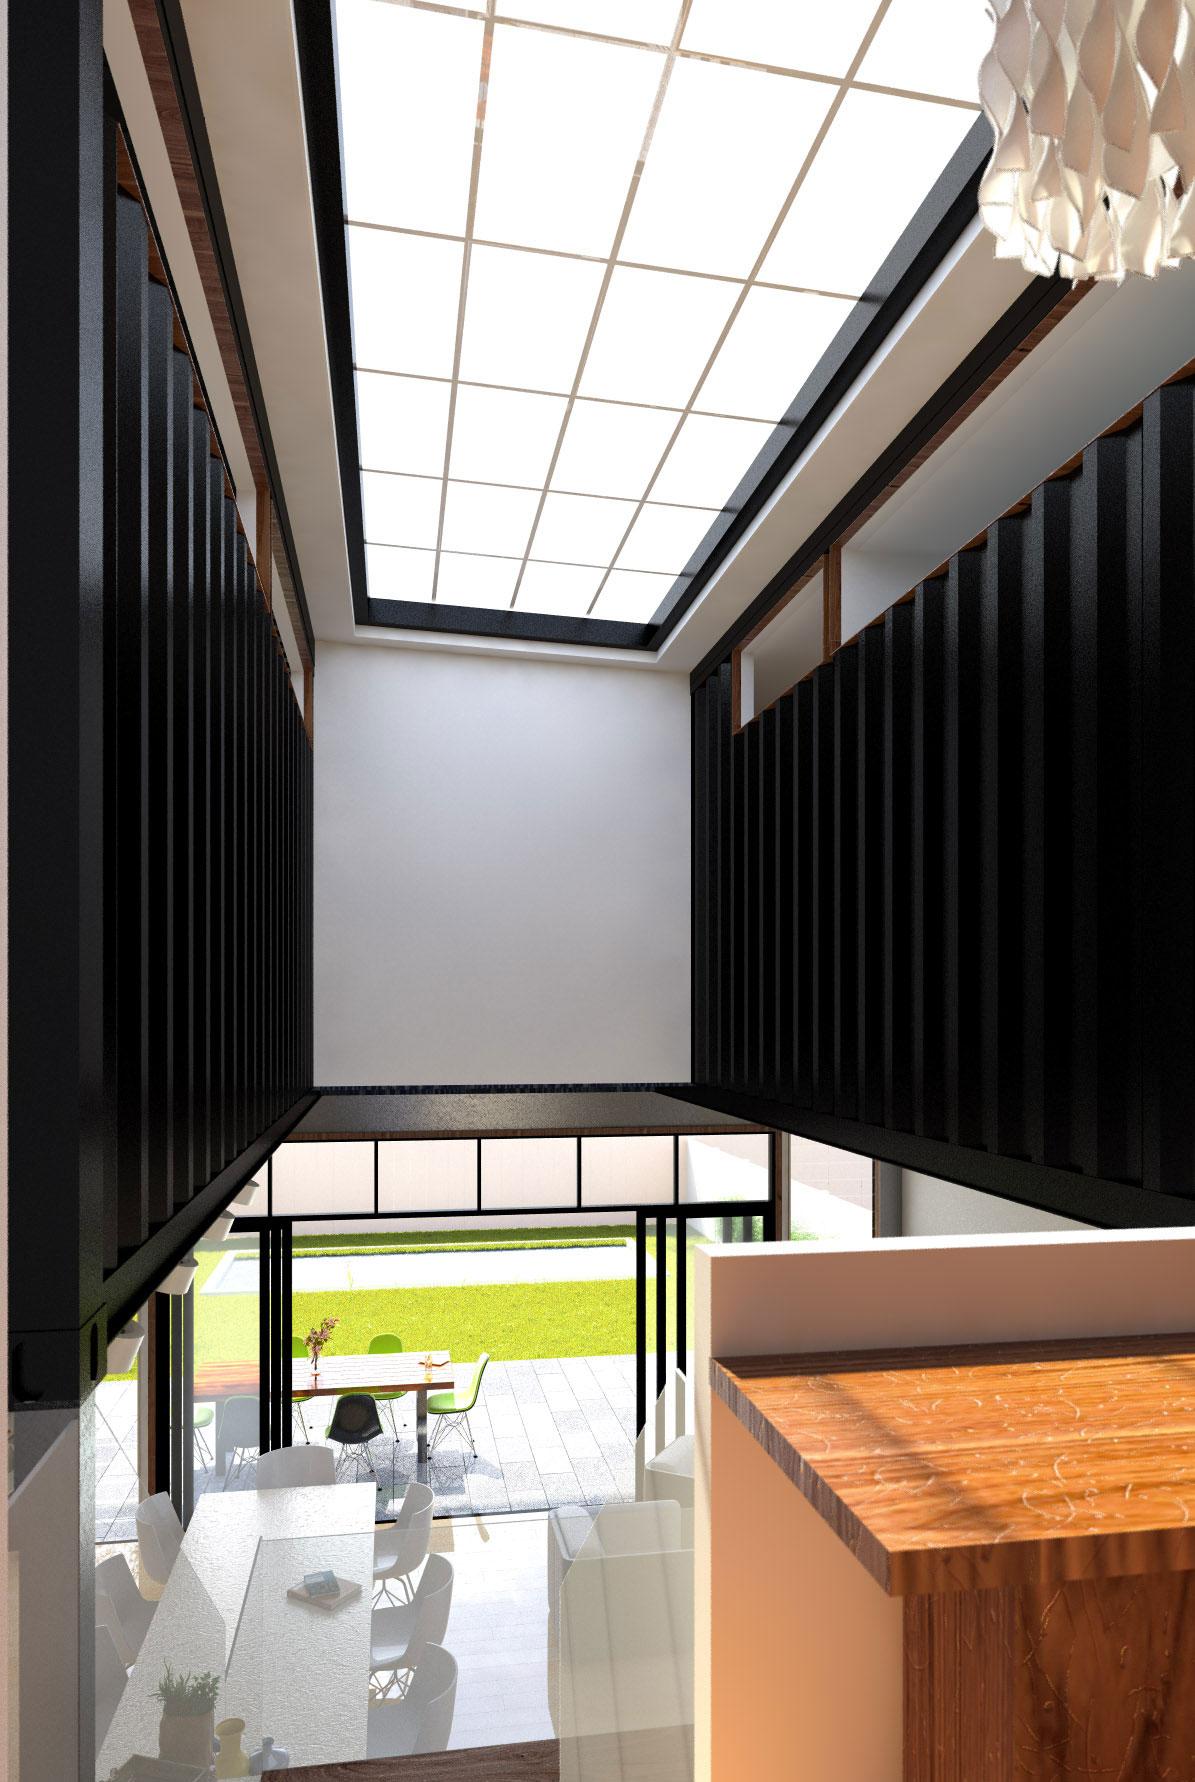 modular-house-extension-interior